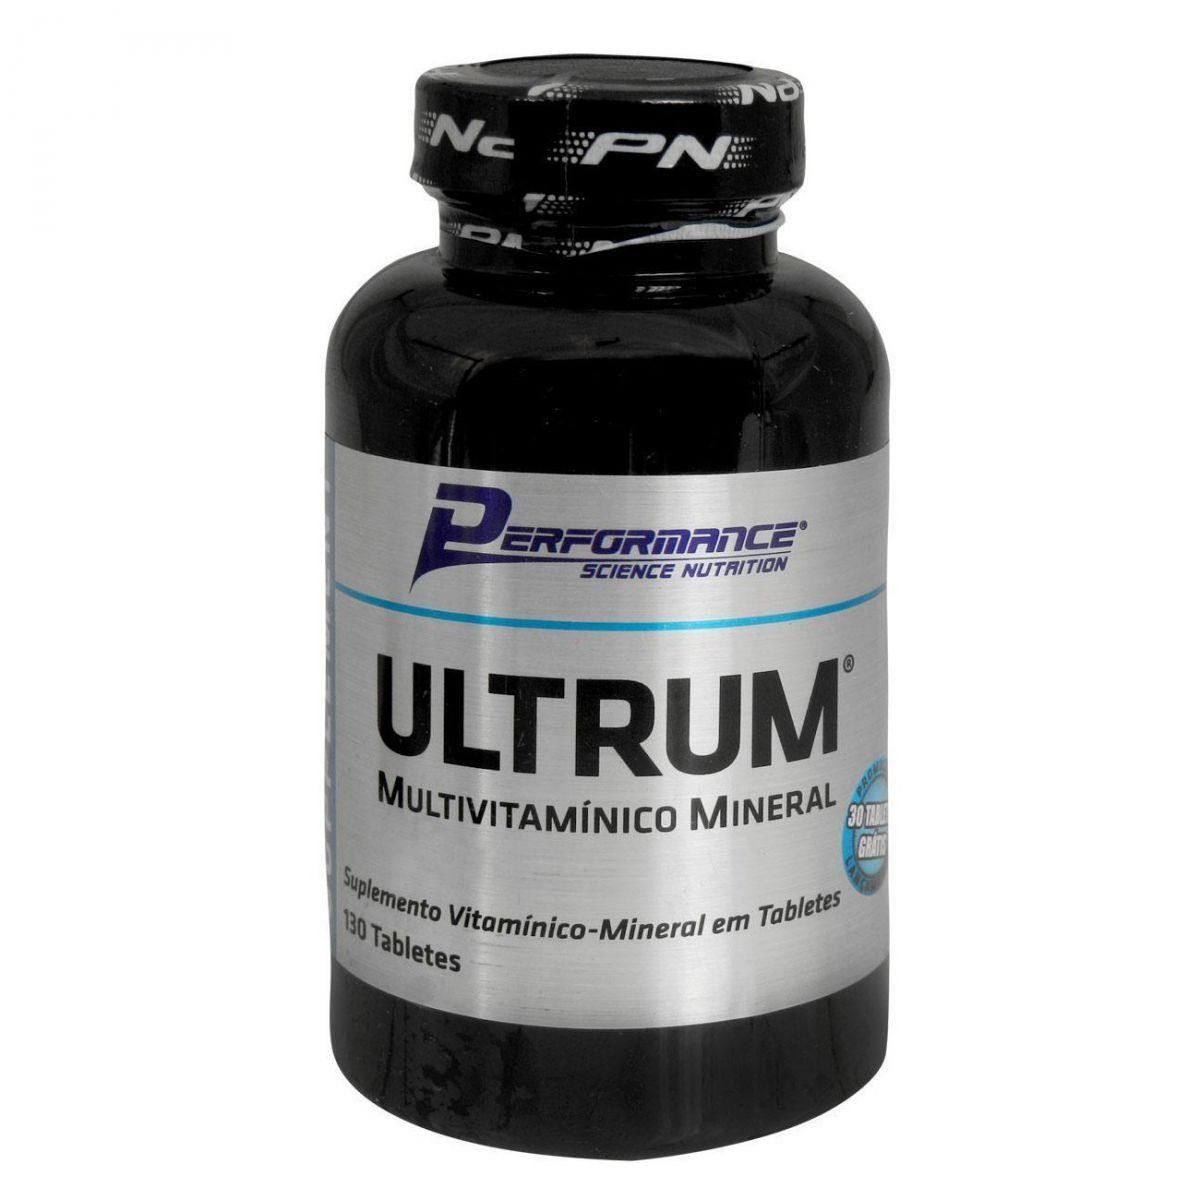 Ultrum Multivitamínico - 100 Tabletes - Performance Nutrition